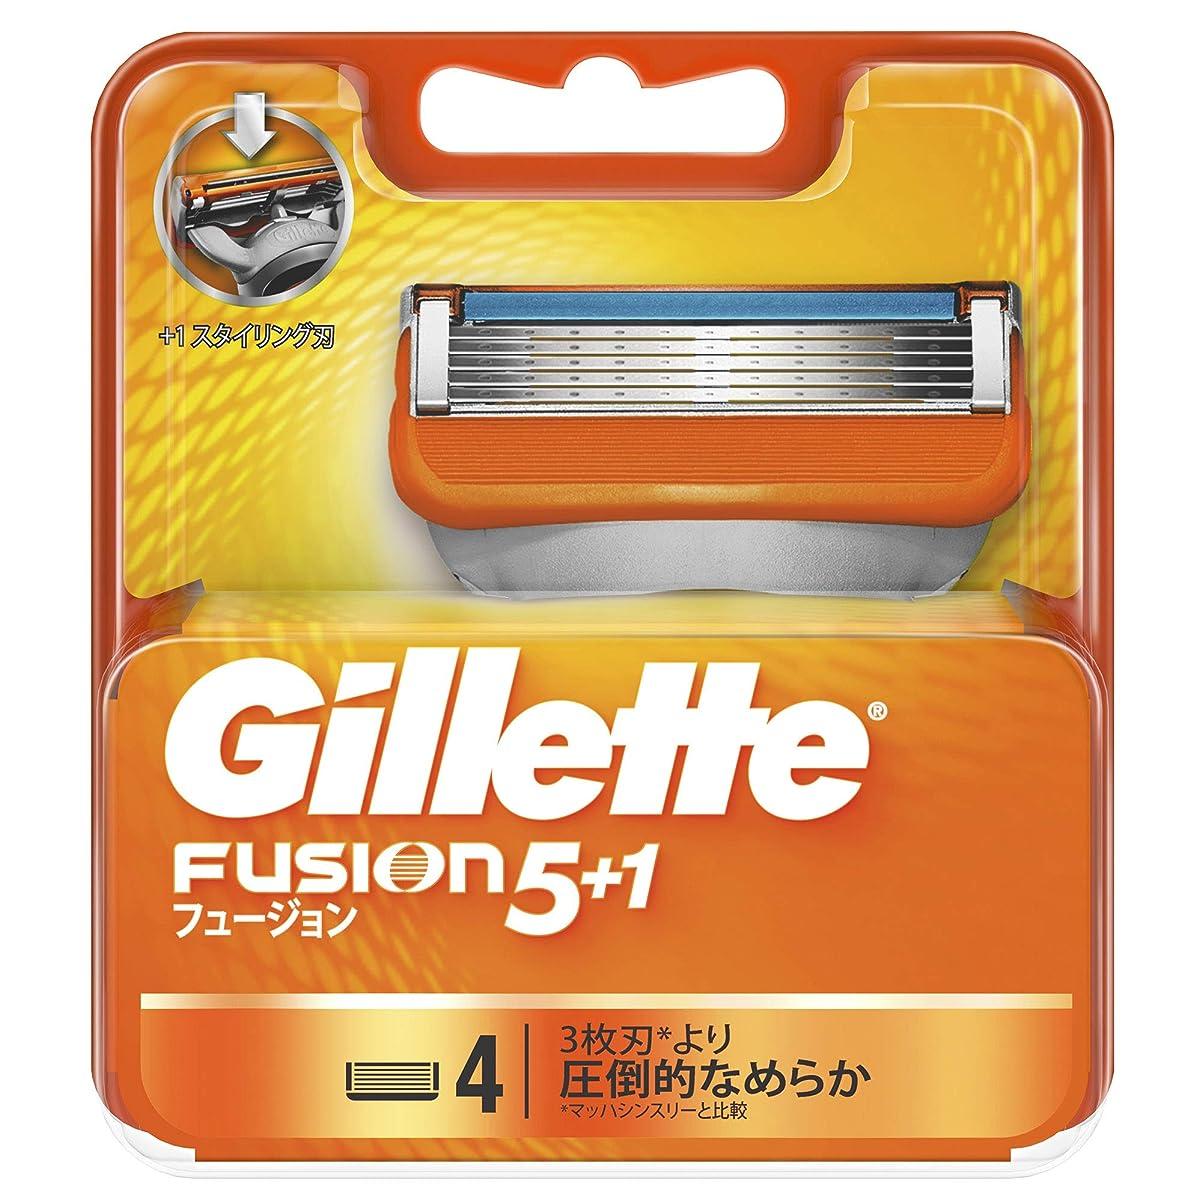 欠乏鬼ごっこ風味ジレット フュージョン 5+1 替刃4個入